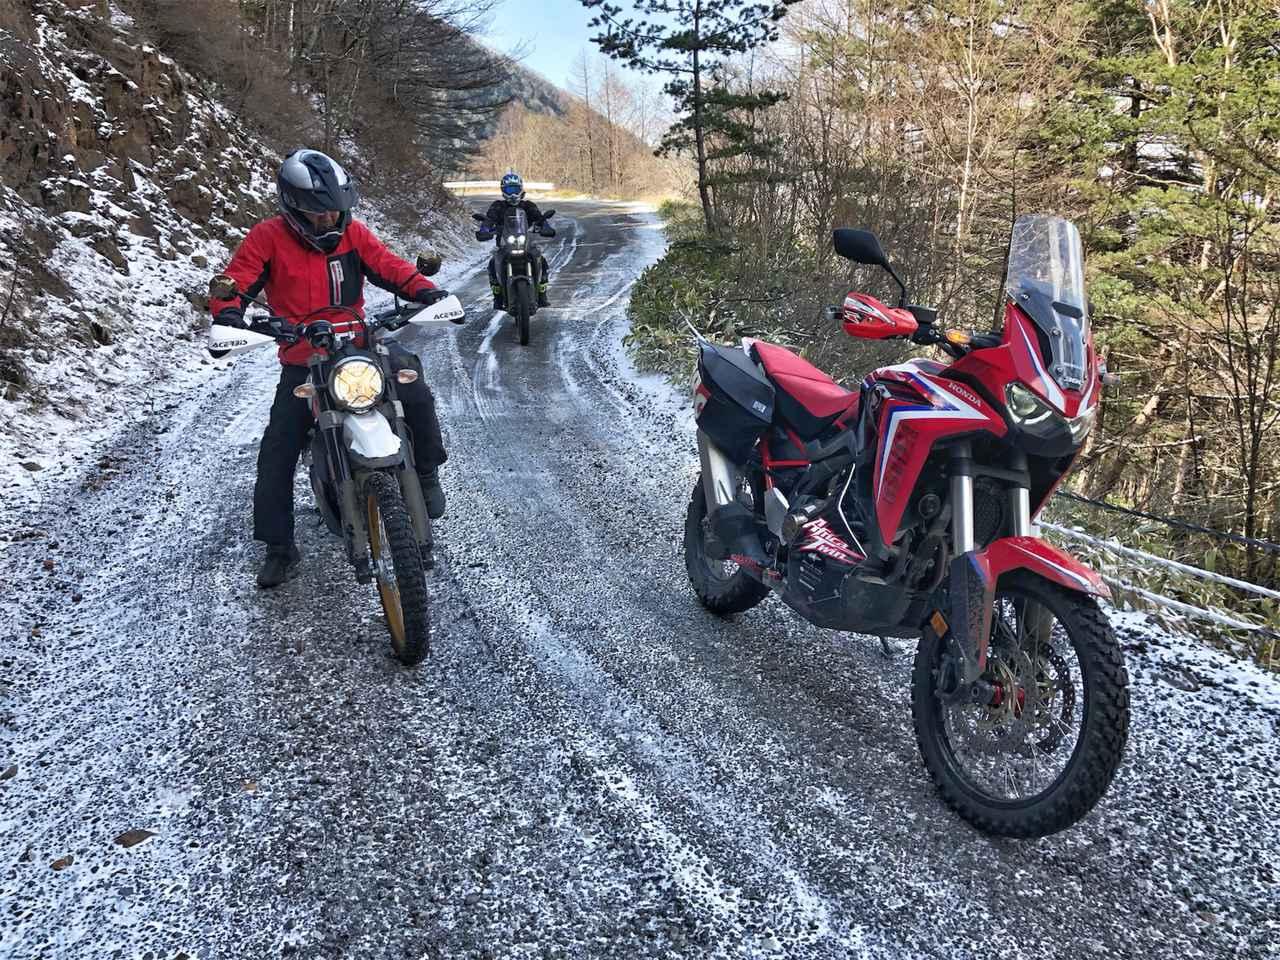 画像1: 外は雪景色、ビッグバイク3台は山を下りられるのか?